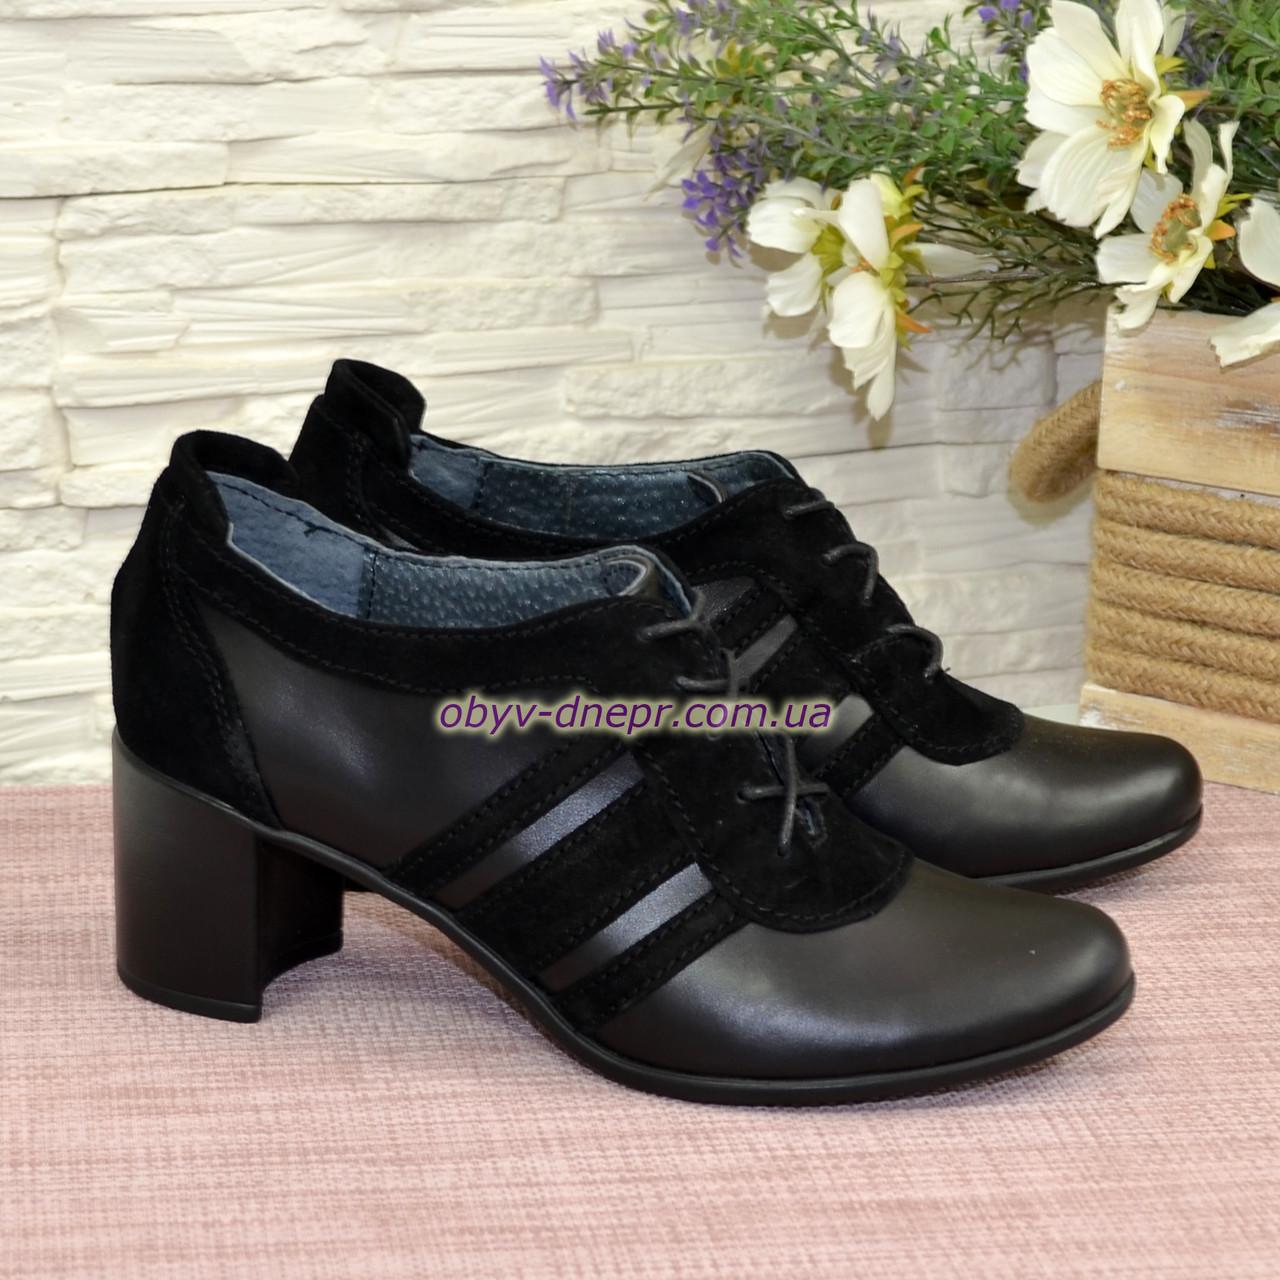 """Туфли женские кожаные на каблуке с замшевыми вставками. ТМ """"Maestro"""""""